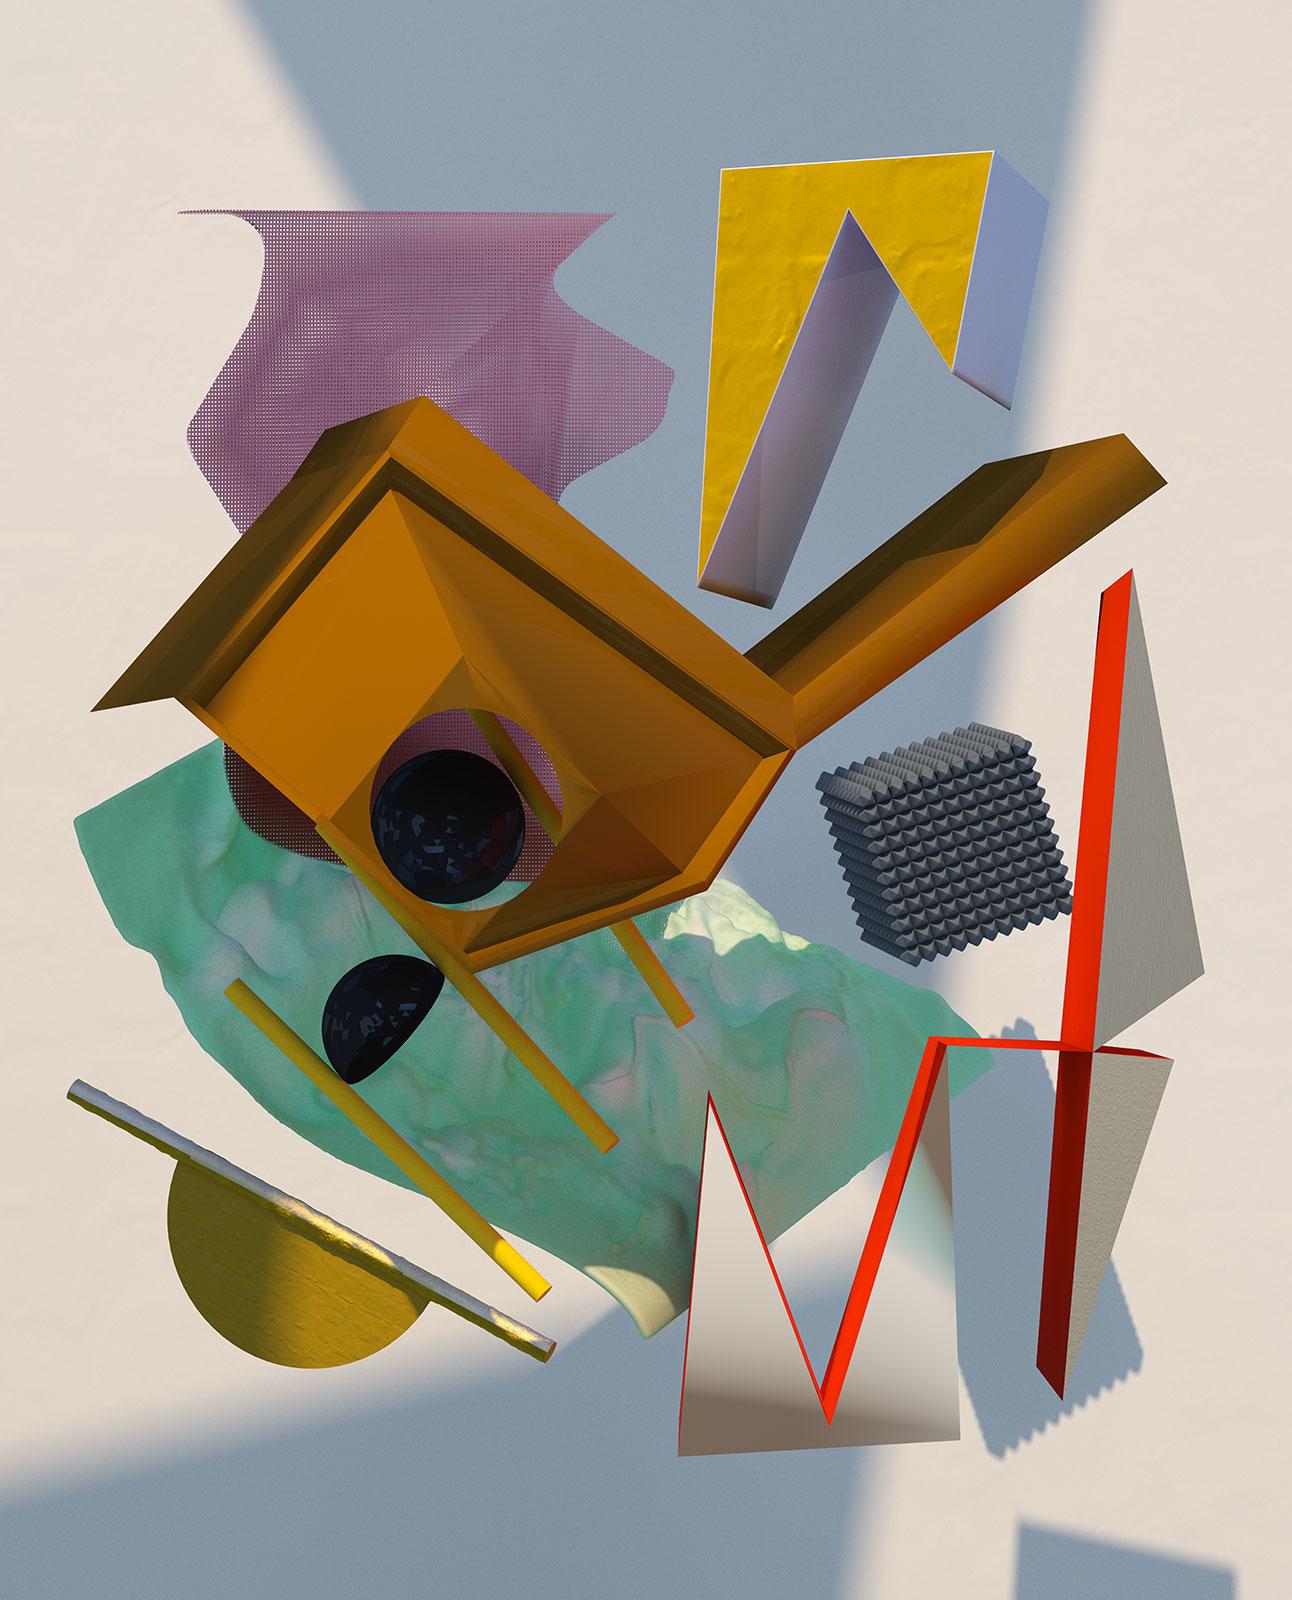 Komposition I 03, CGI Fine Art Print, 80 x 66 cm, 2012